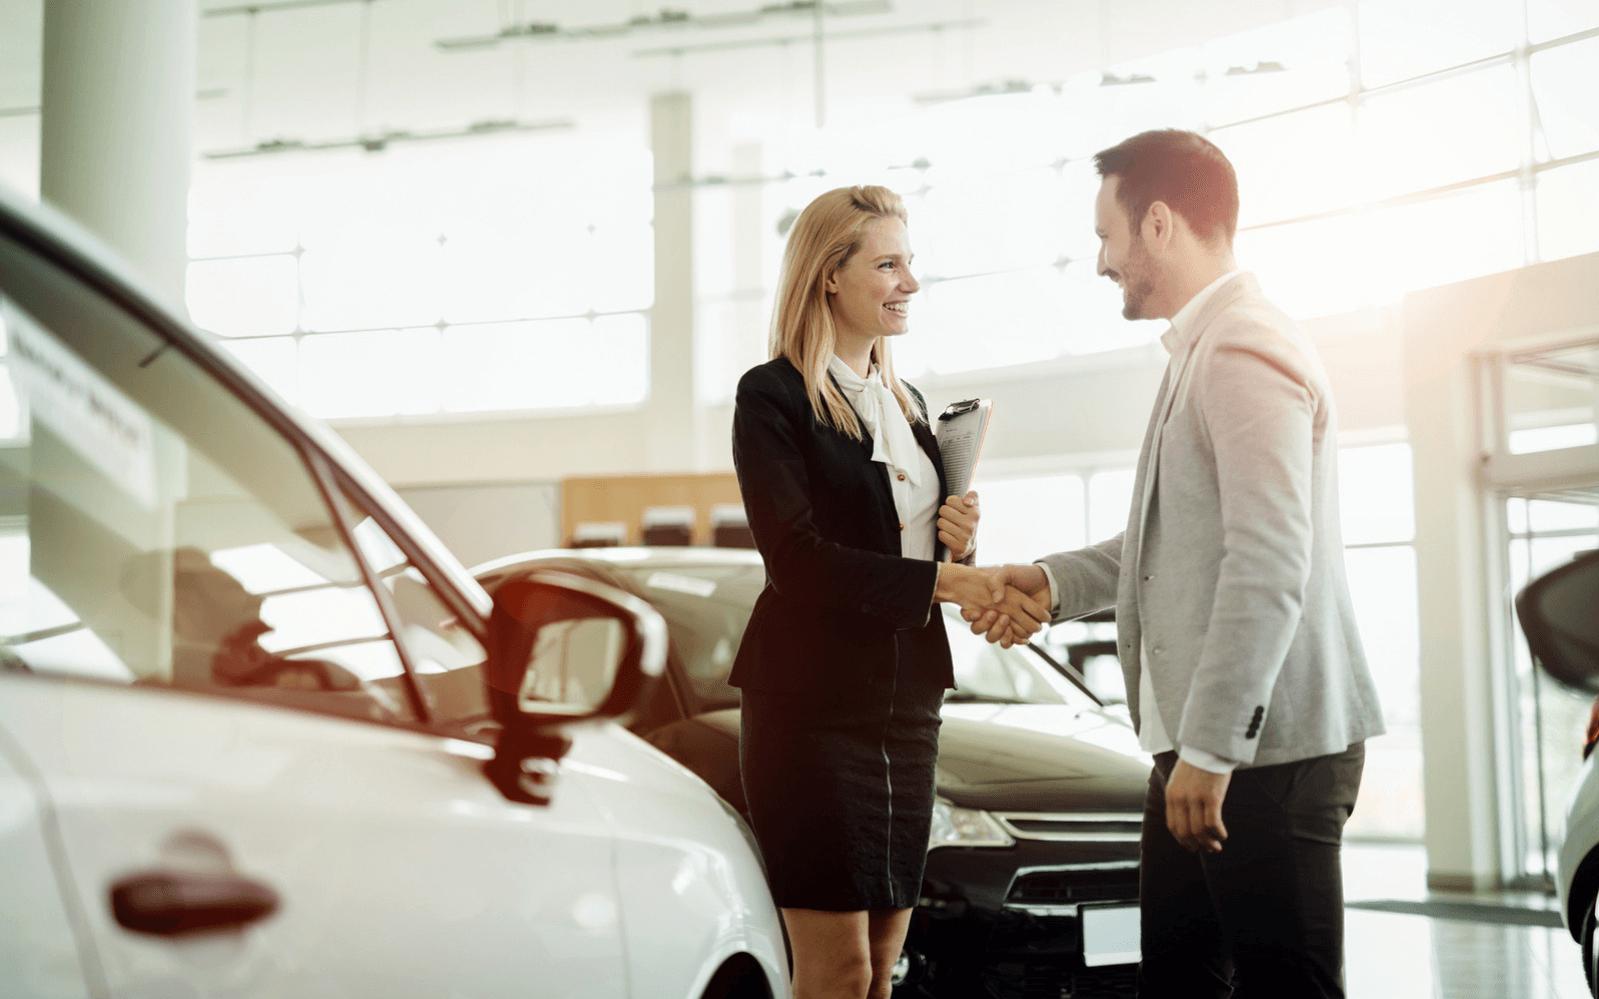 Car saleswoman shaking customer's hand